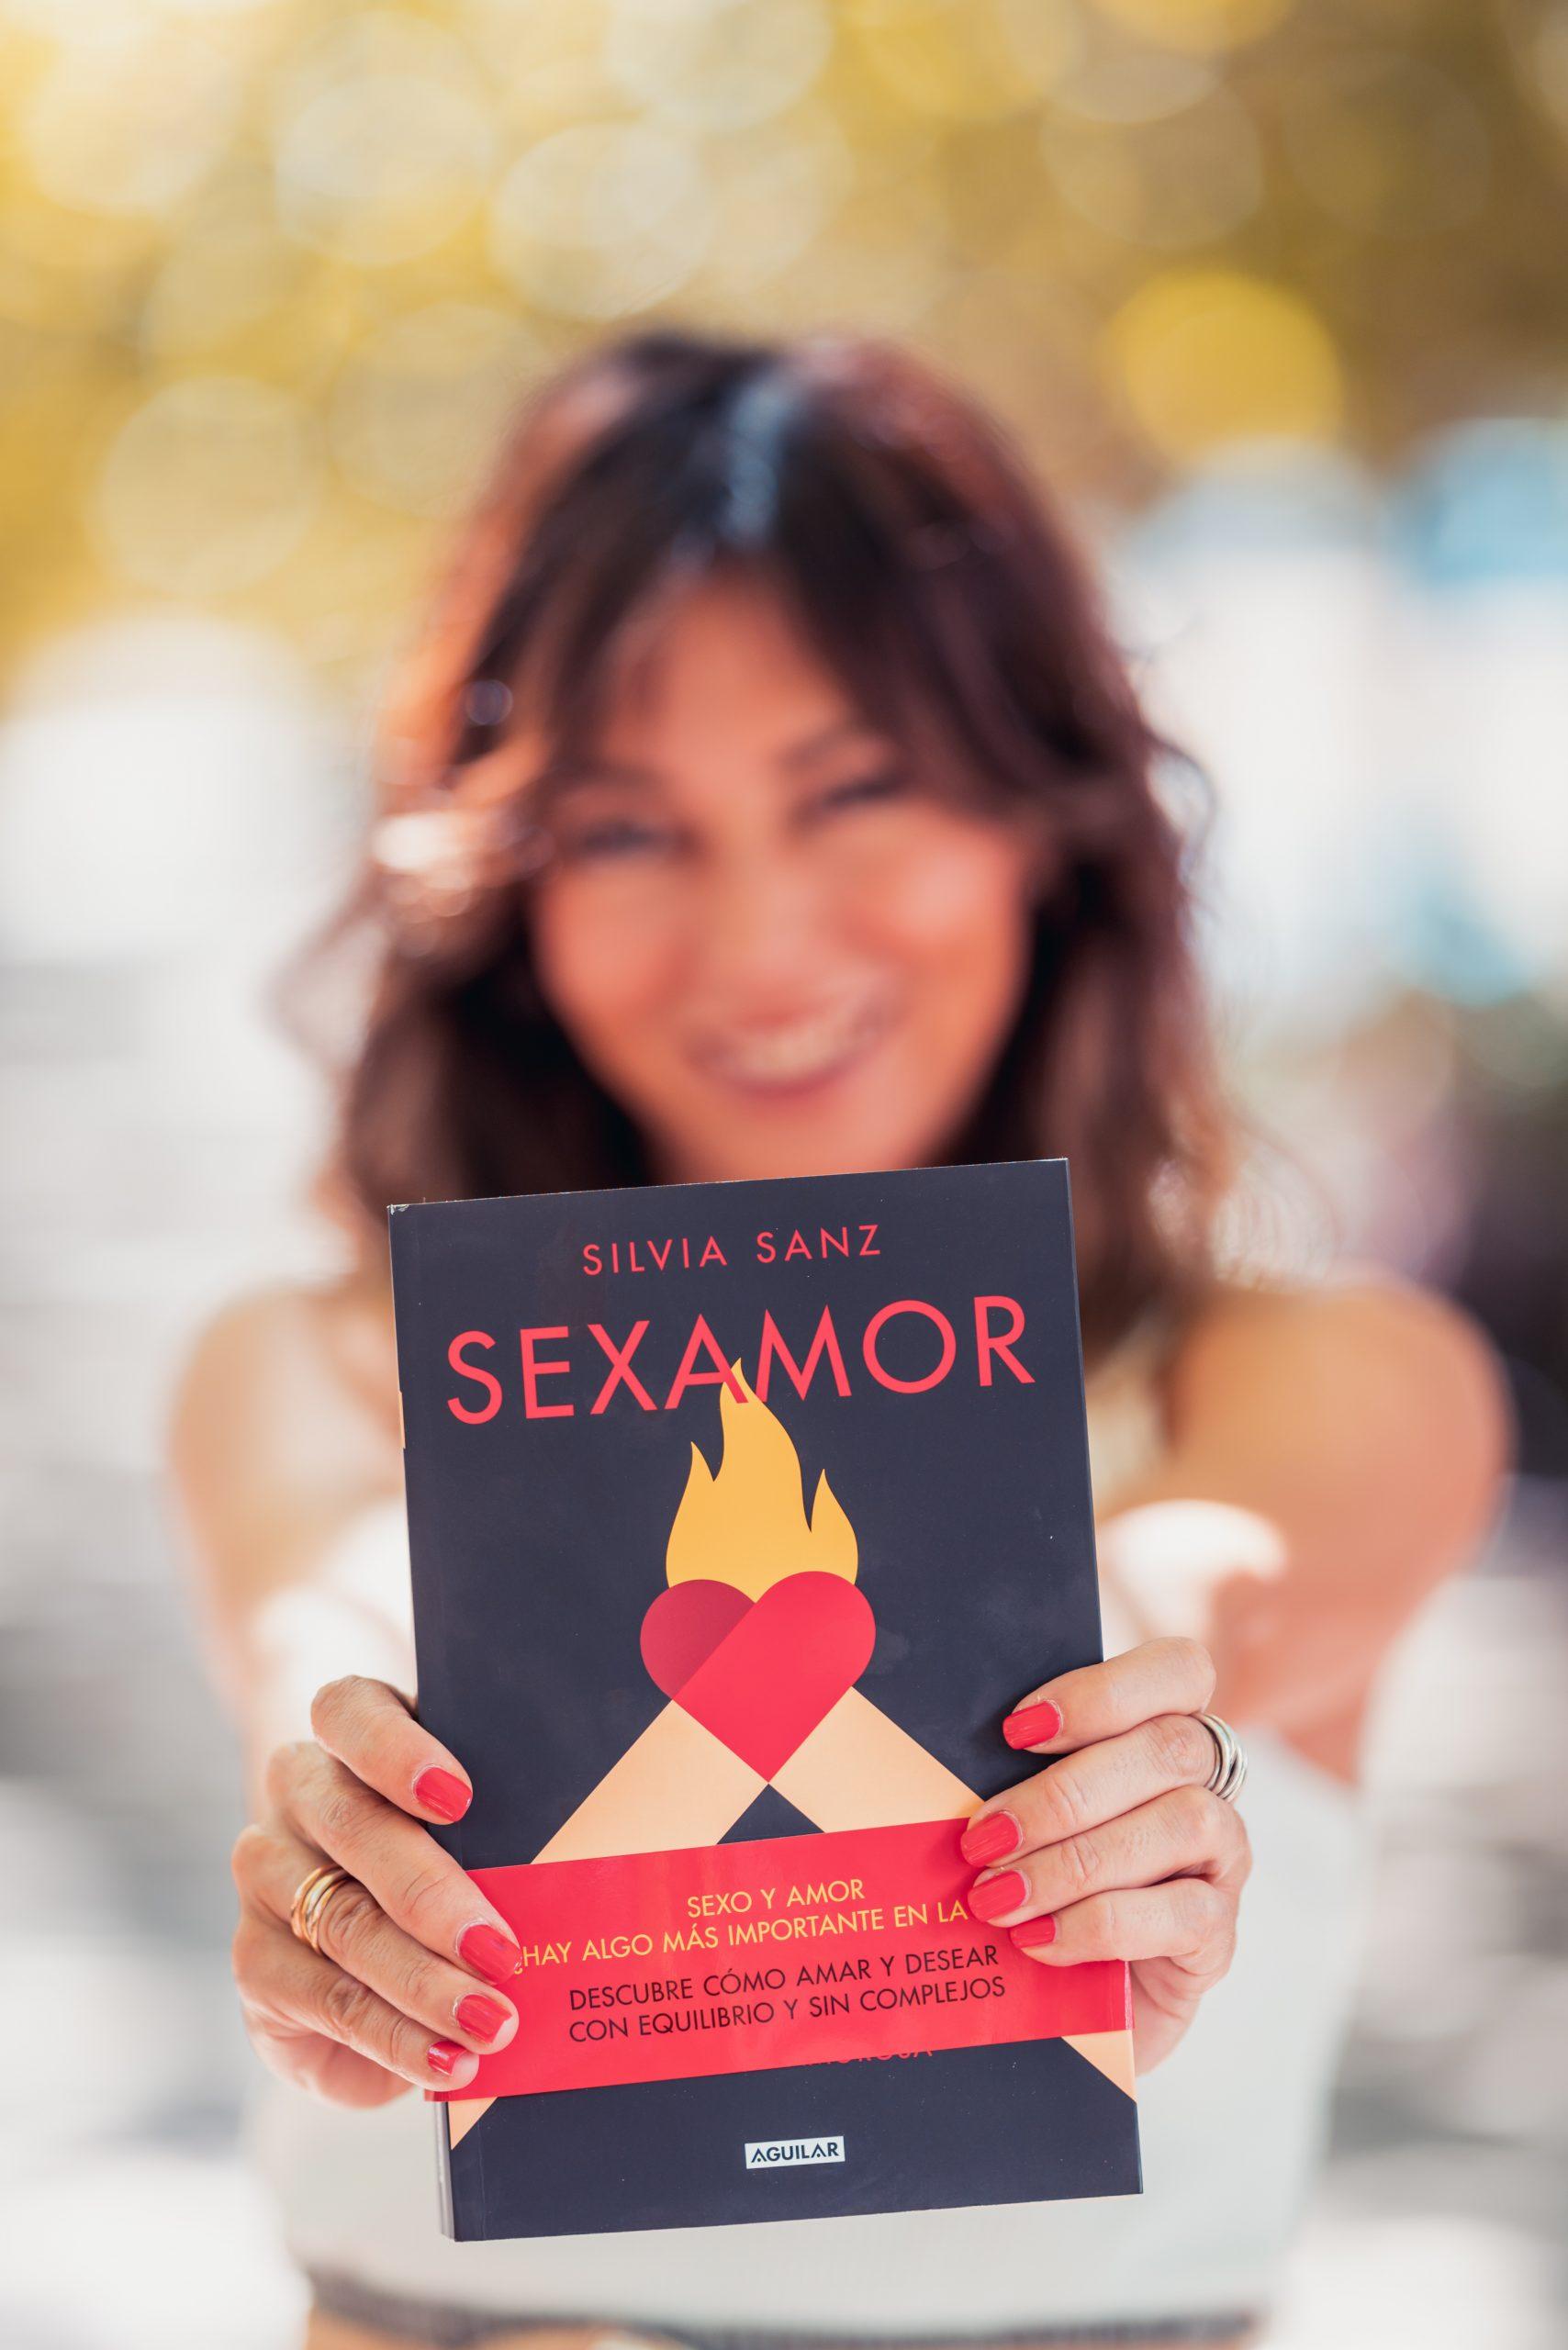 Silvia Sanz escritora libro Sexamor